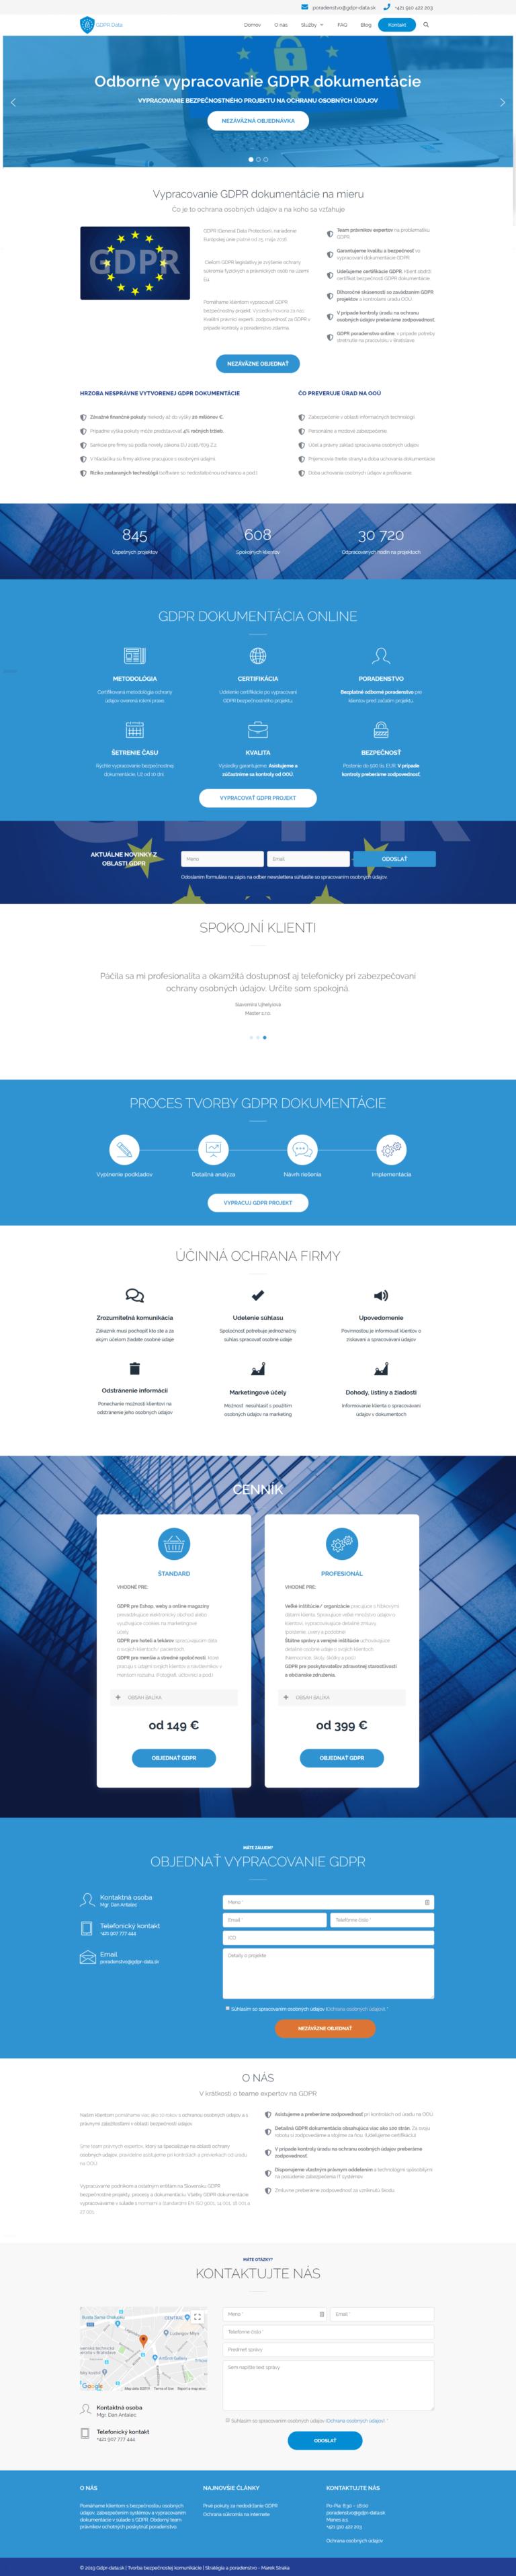 tvorba webovej stránky GDPR data